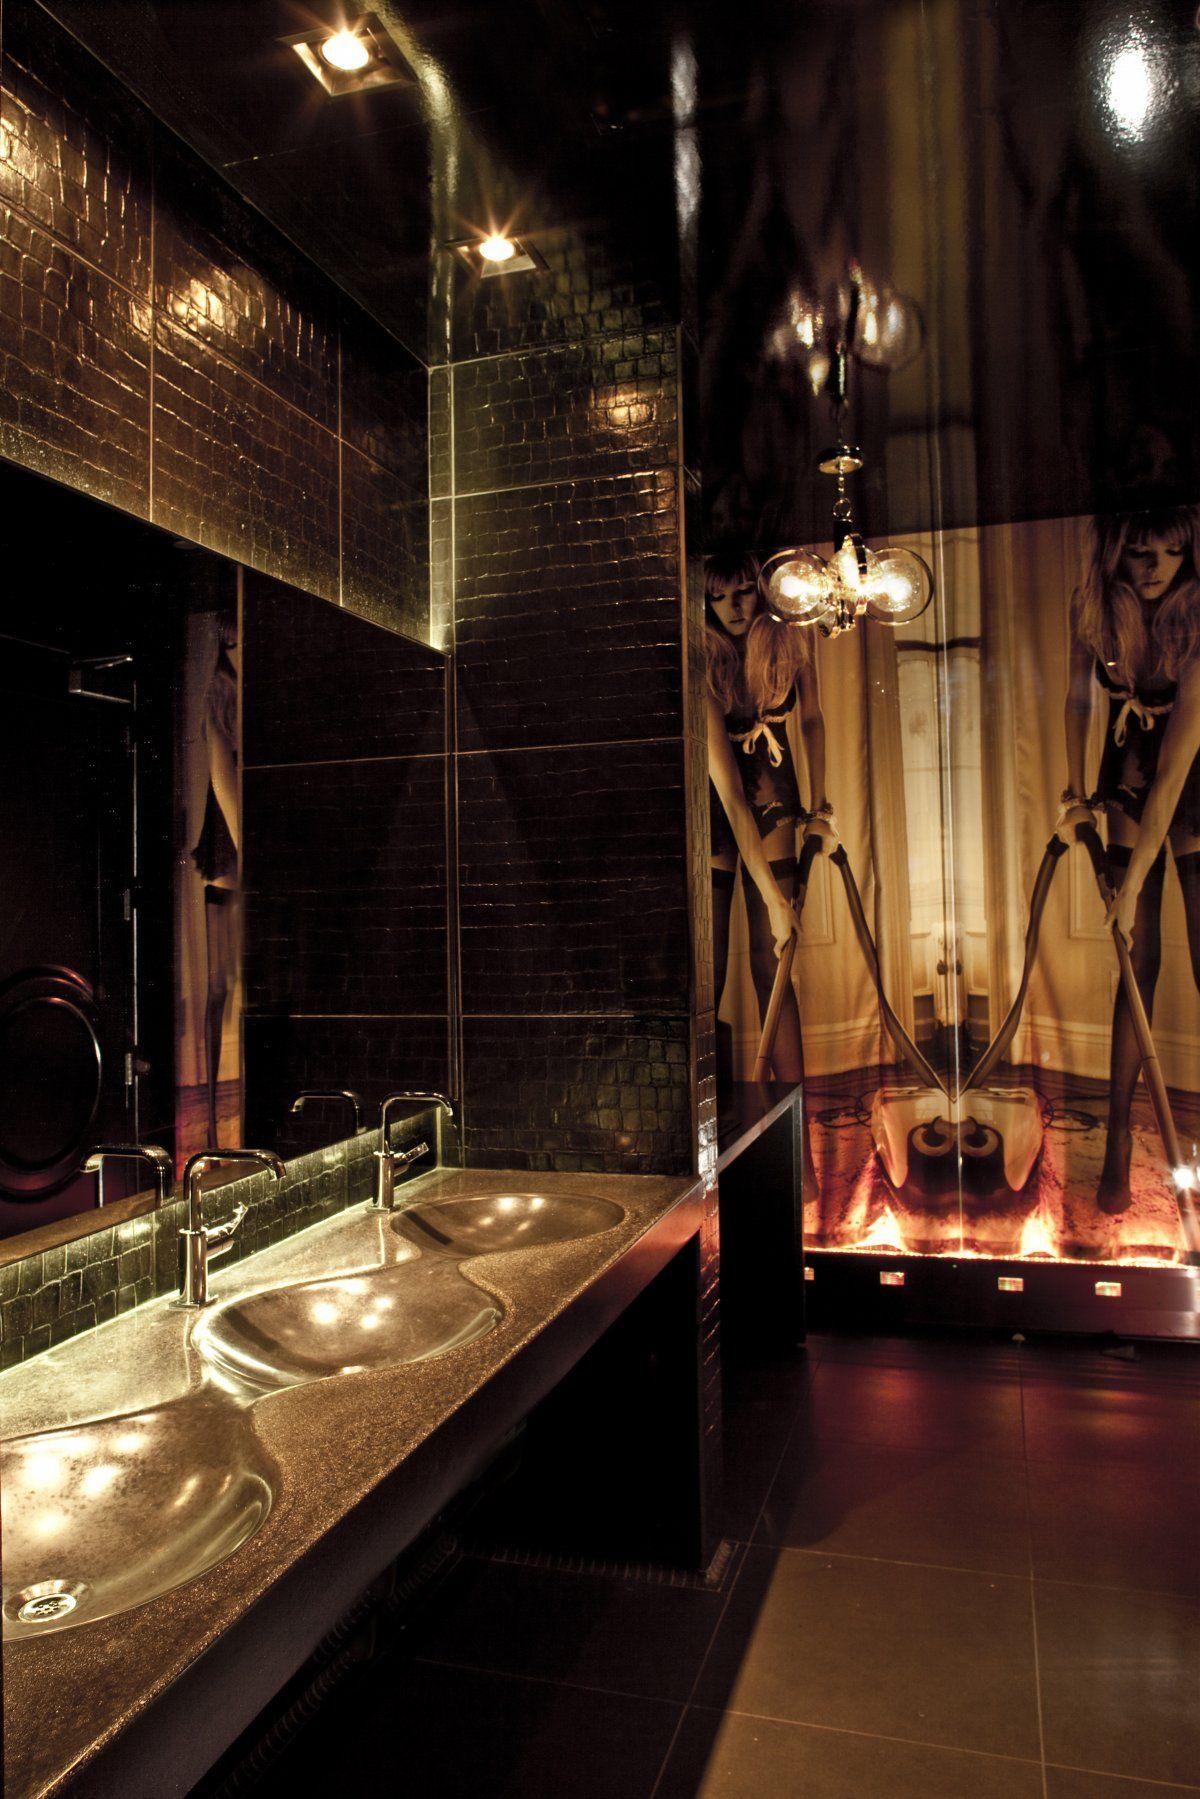 The 10 Best Public Bathrooms In America Restroom Design Night